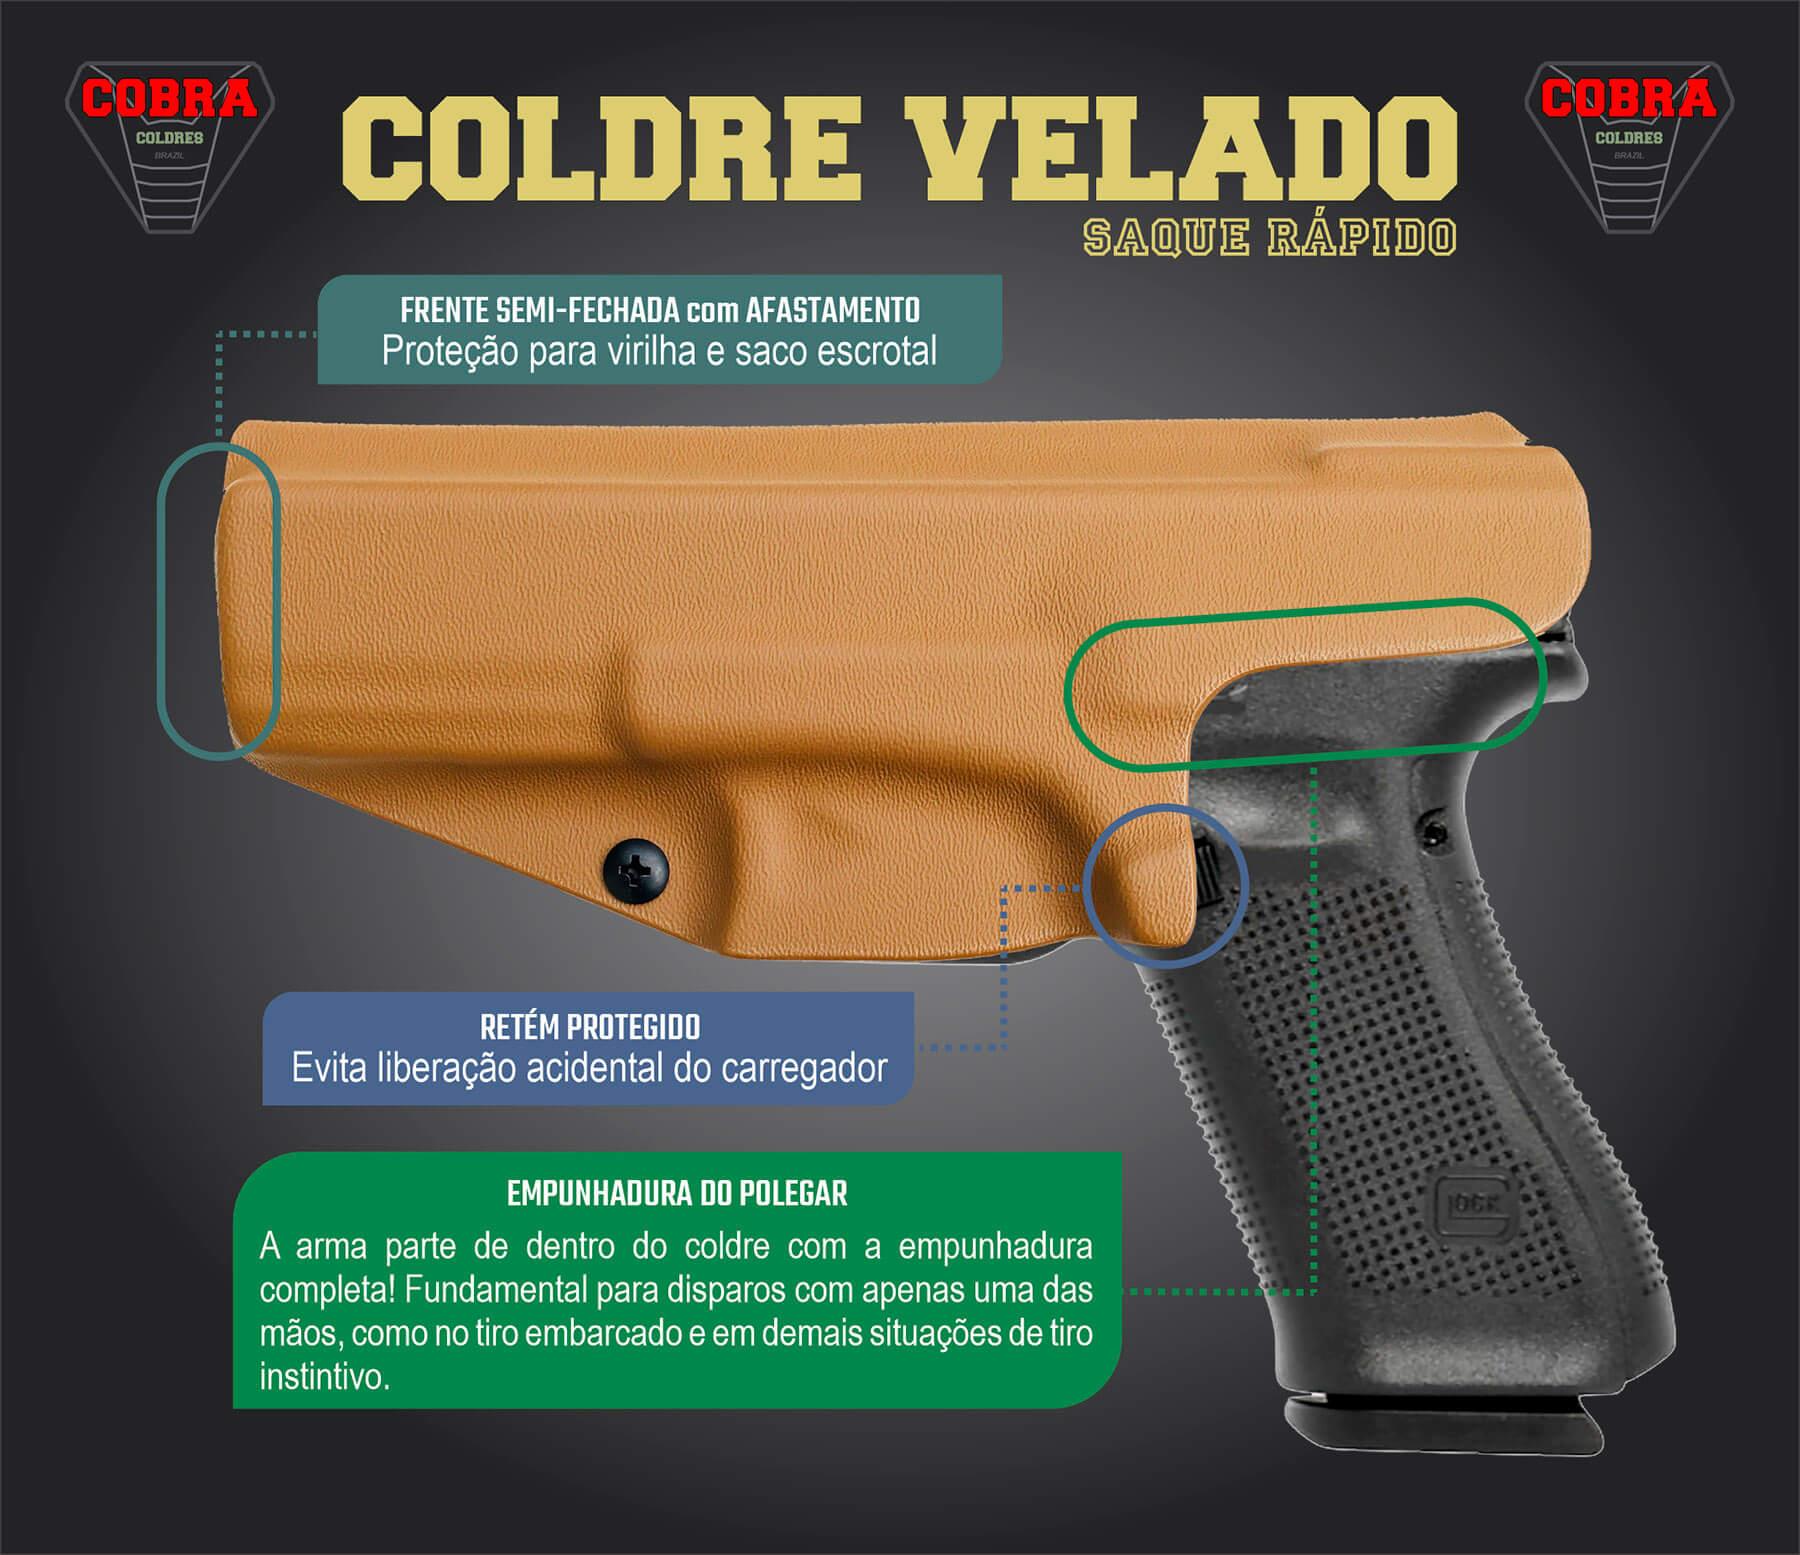 Coldre [G26] [G27] [G28] [G33] Kydex + Porta-Carregador - Saque Rápido Velado Kydex® 080